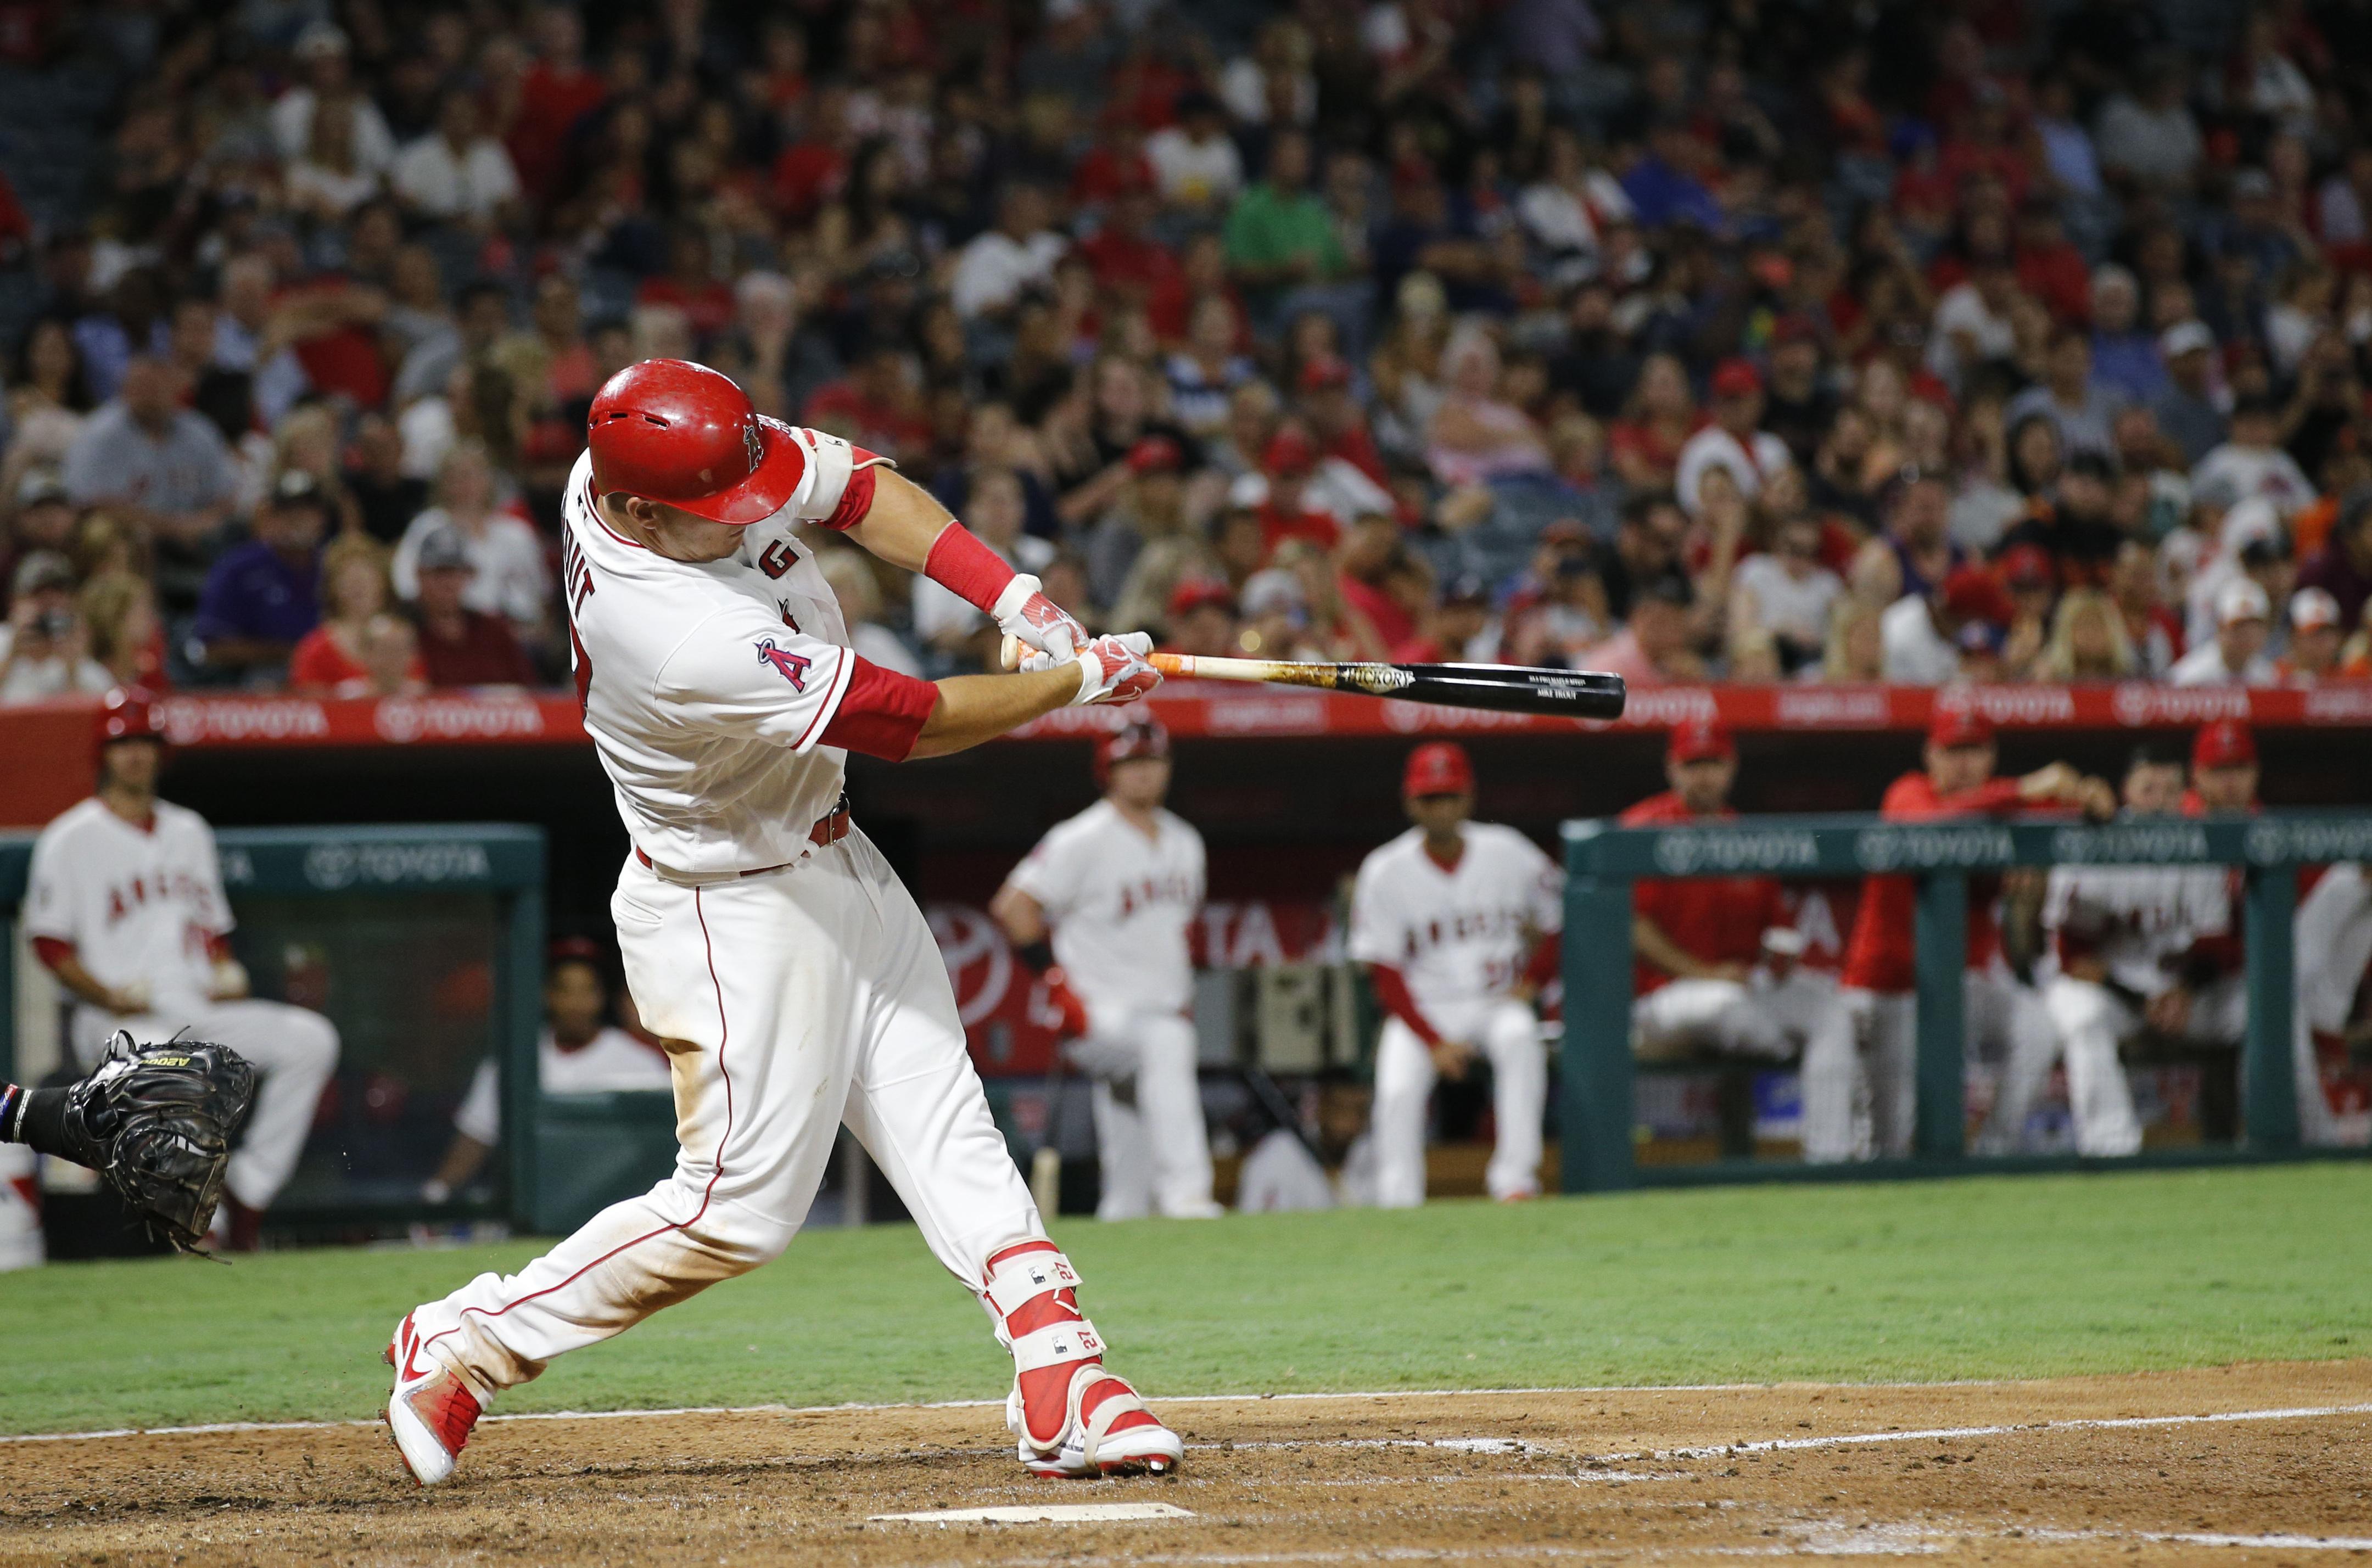 Rolling_angels_baseball_14152